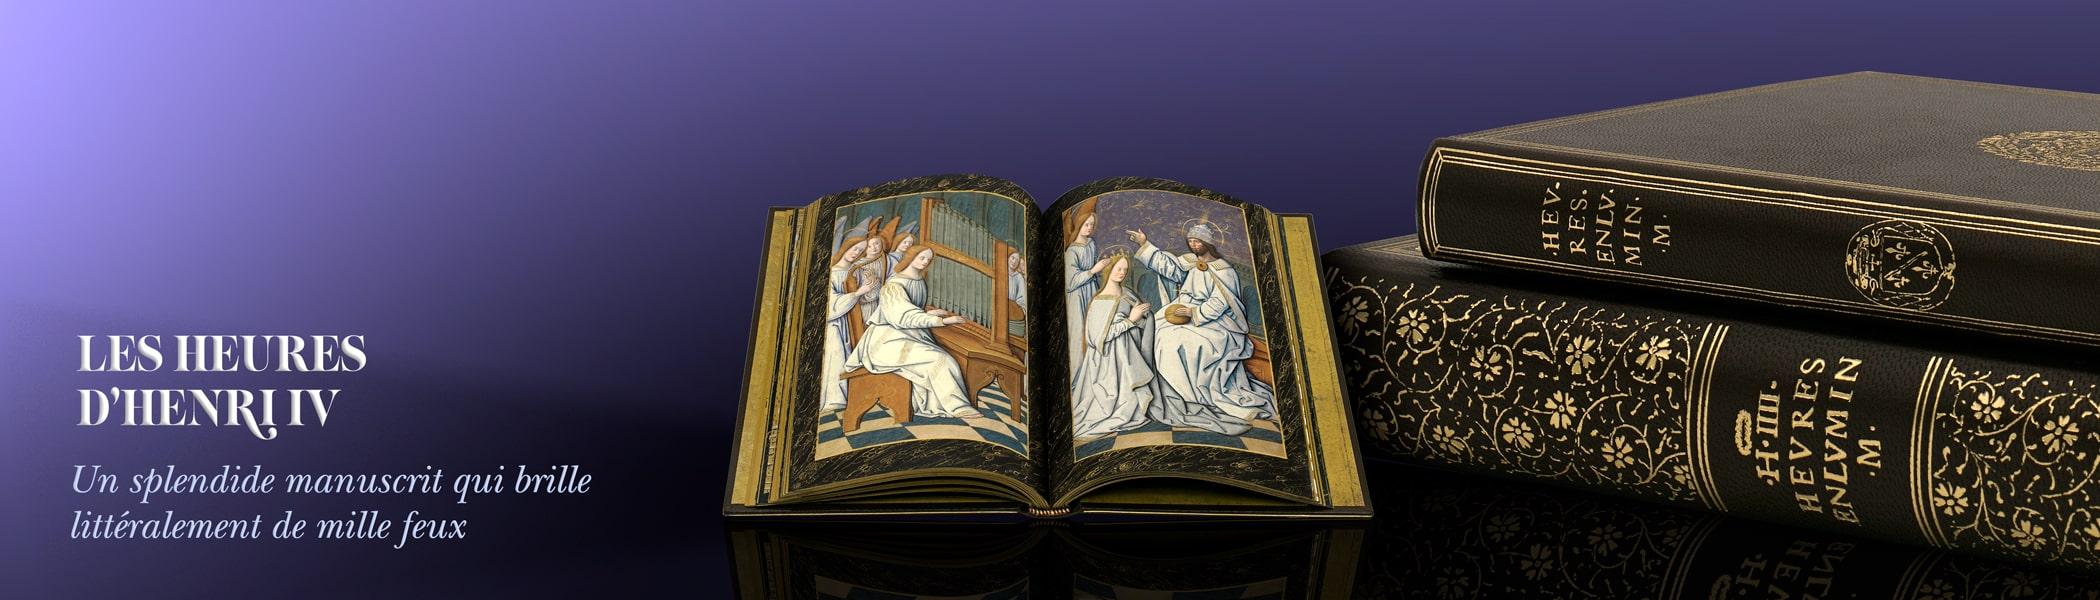 Un manuscrit éblouissant qui brille de mille feux